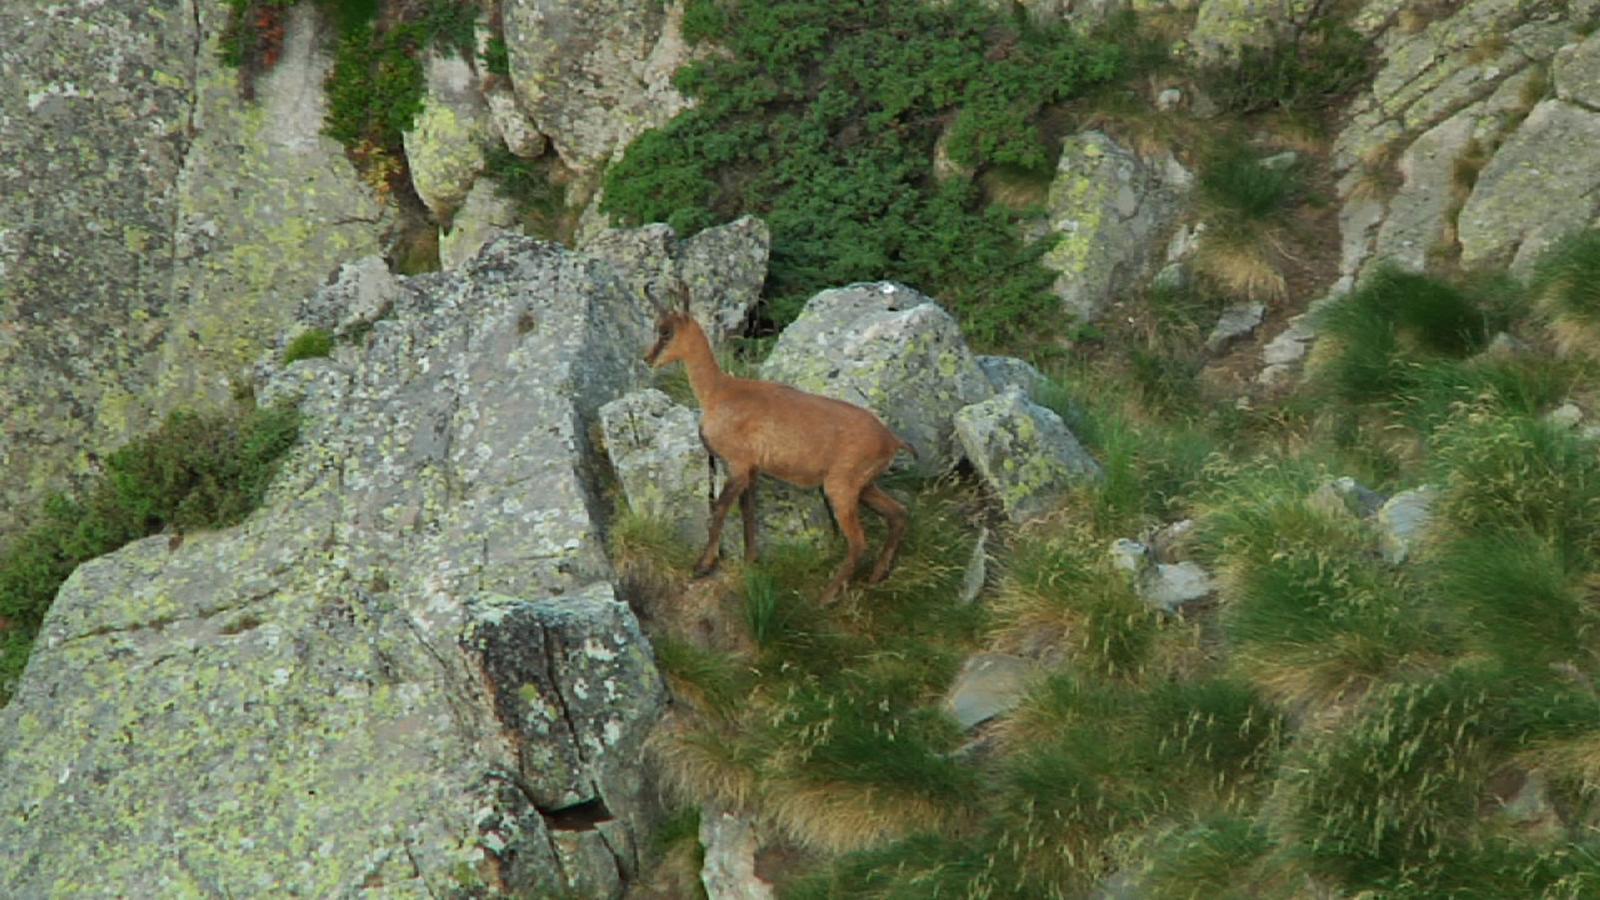 Andorra permet enguany 119 captures d'isards / ARXIU ANA